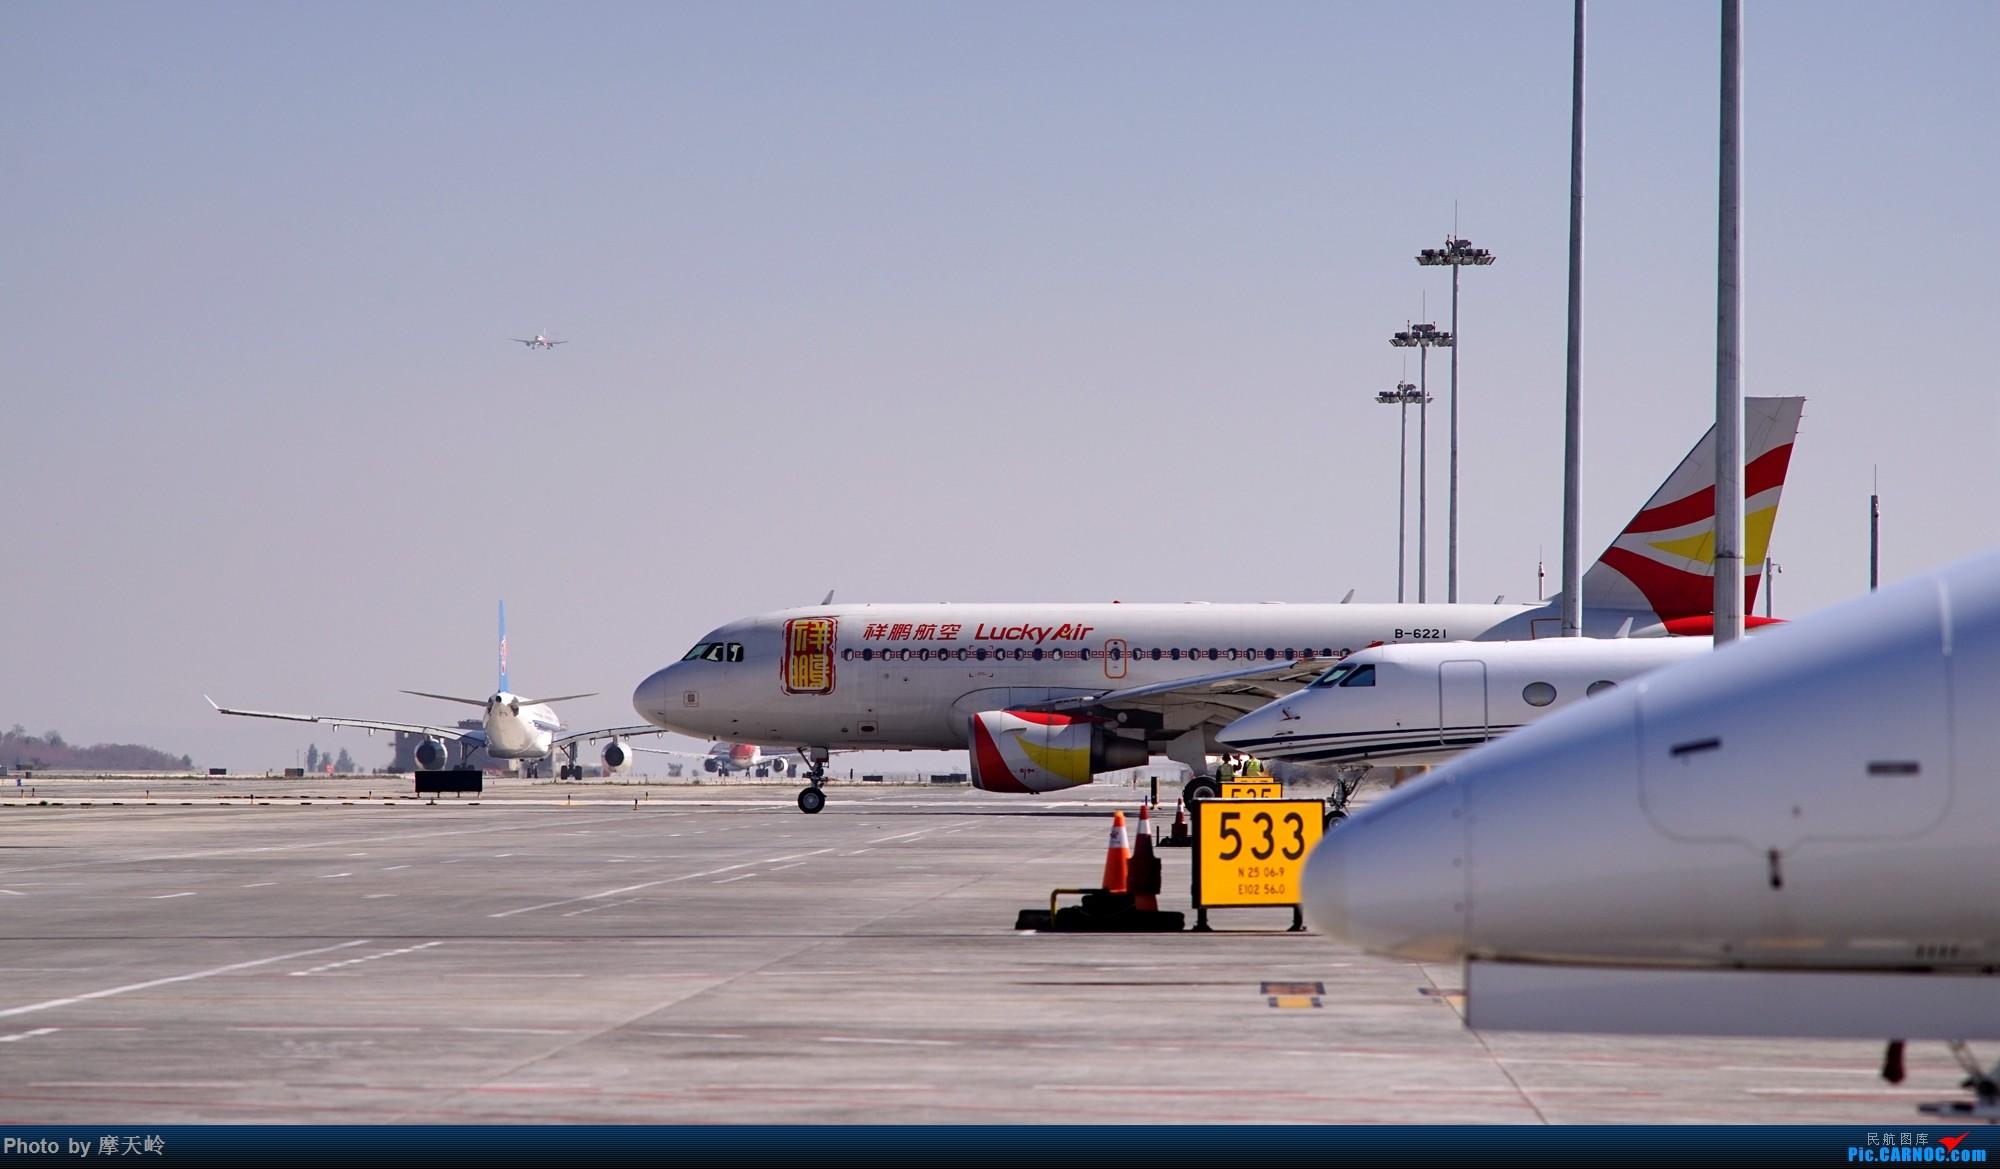 Re:[原创]【昆明长水】内场拍拍拍 AIRBUS A319-100 B-6221 中国昆明长水国际机场